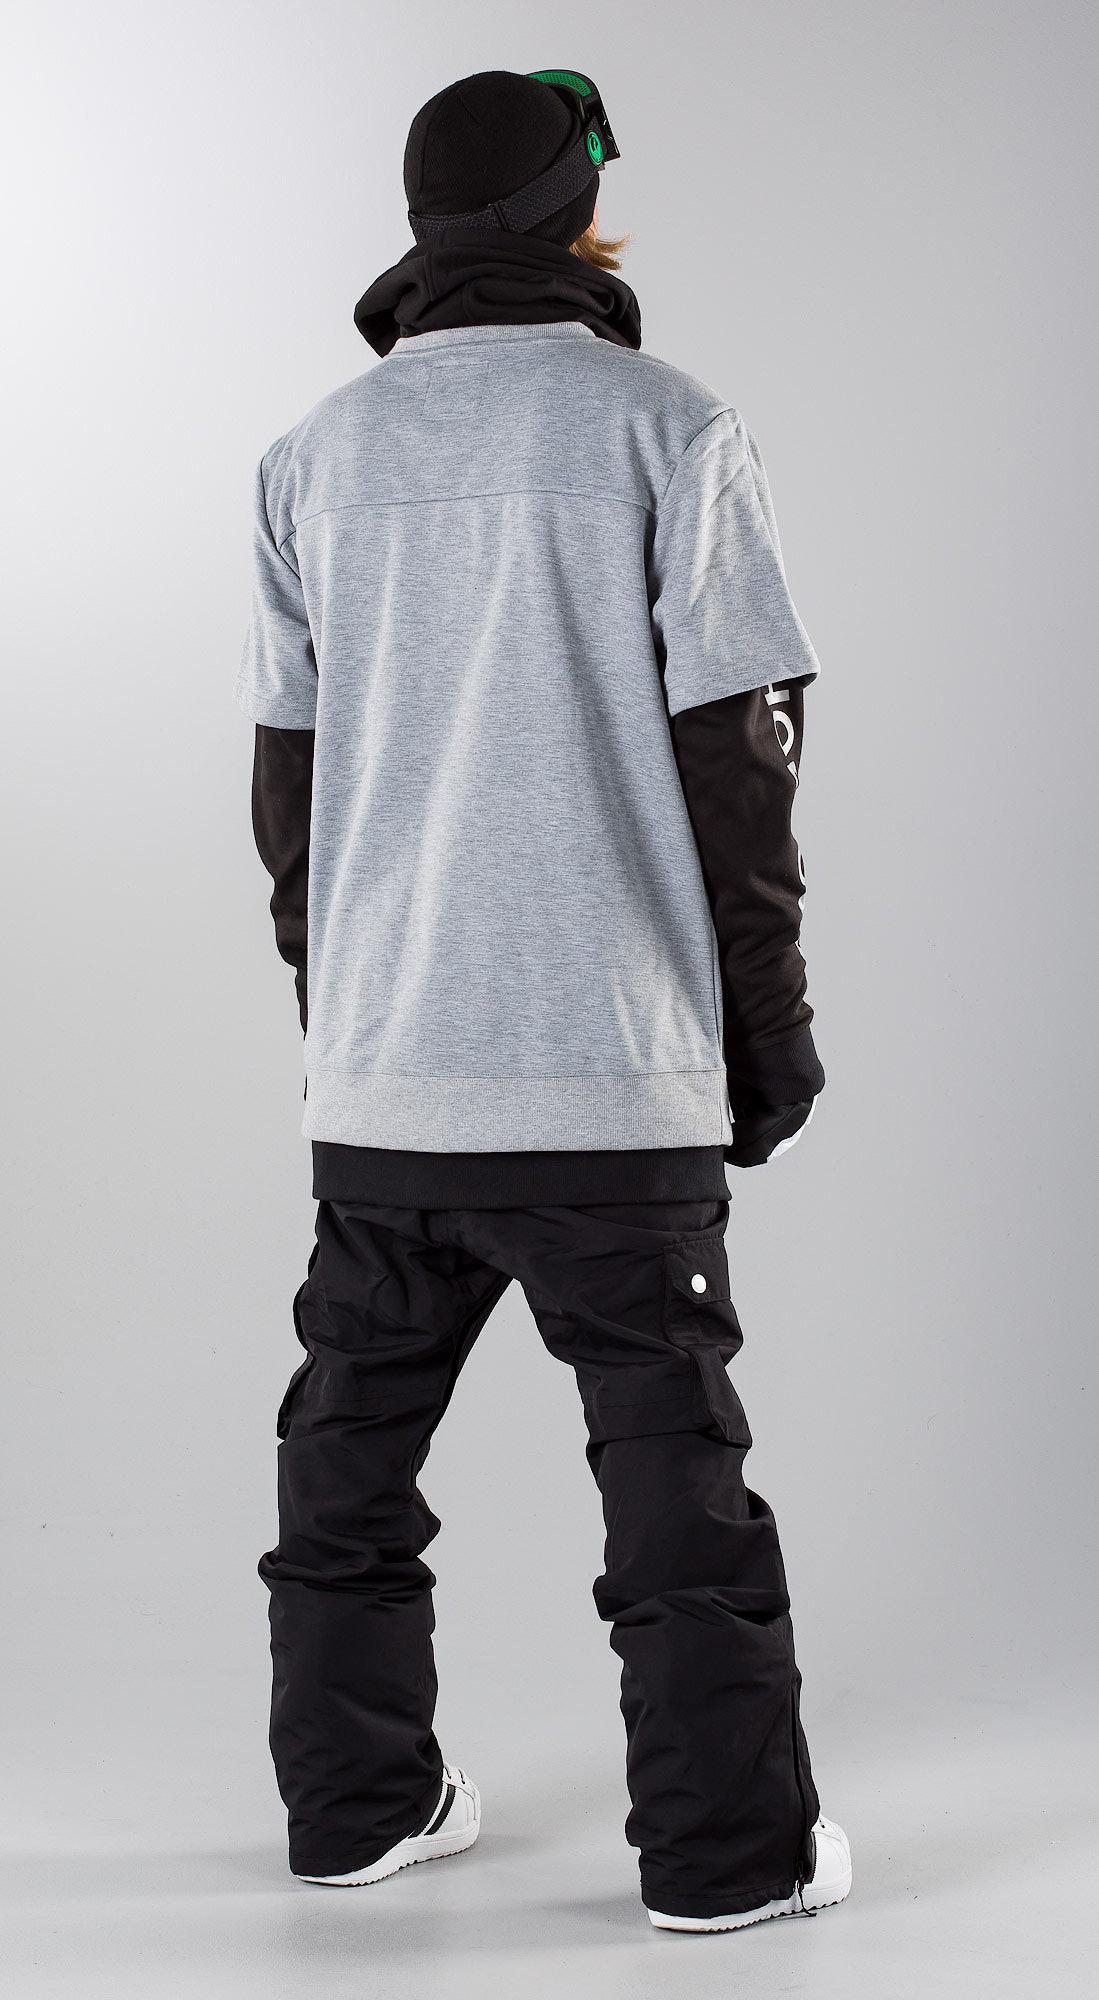 5bc4e5515de DC Dryden Neutral Grey Snowboard clothing - Ridestore